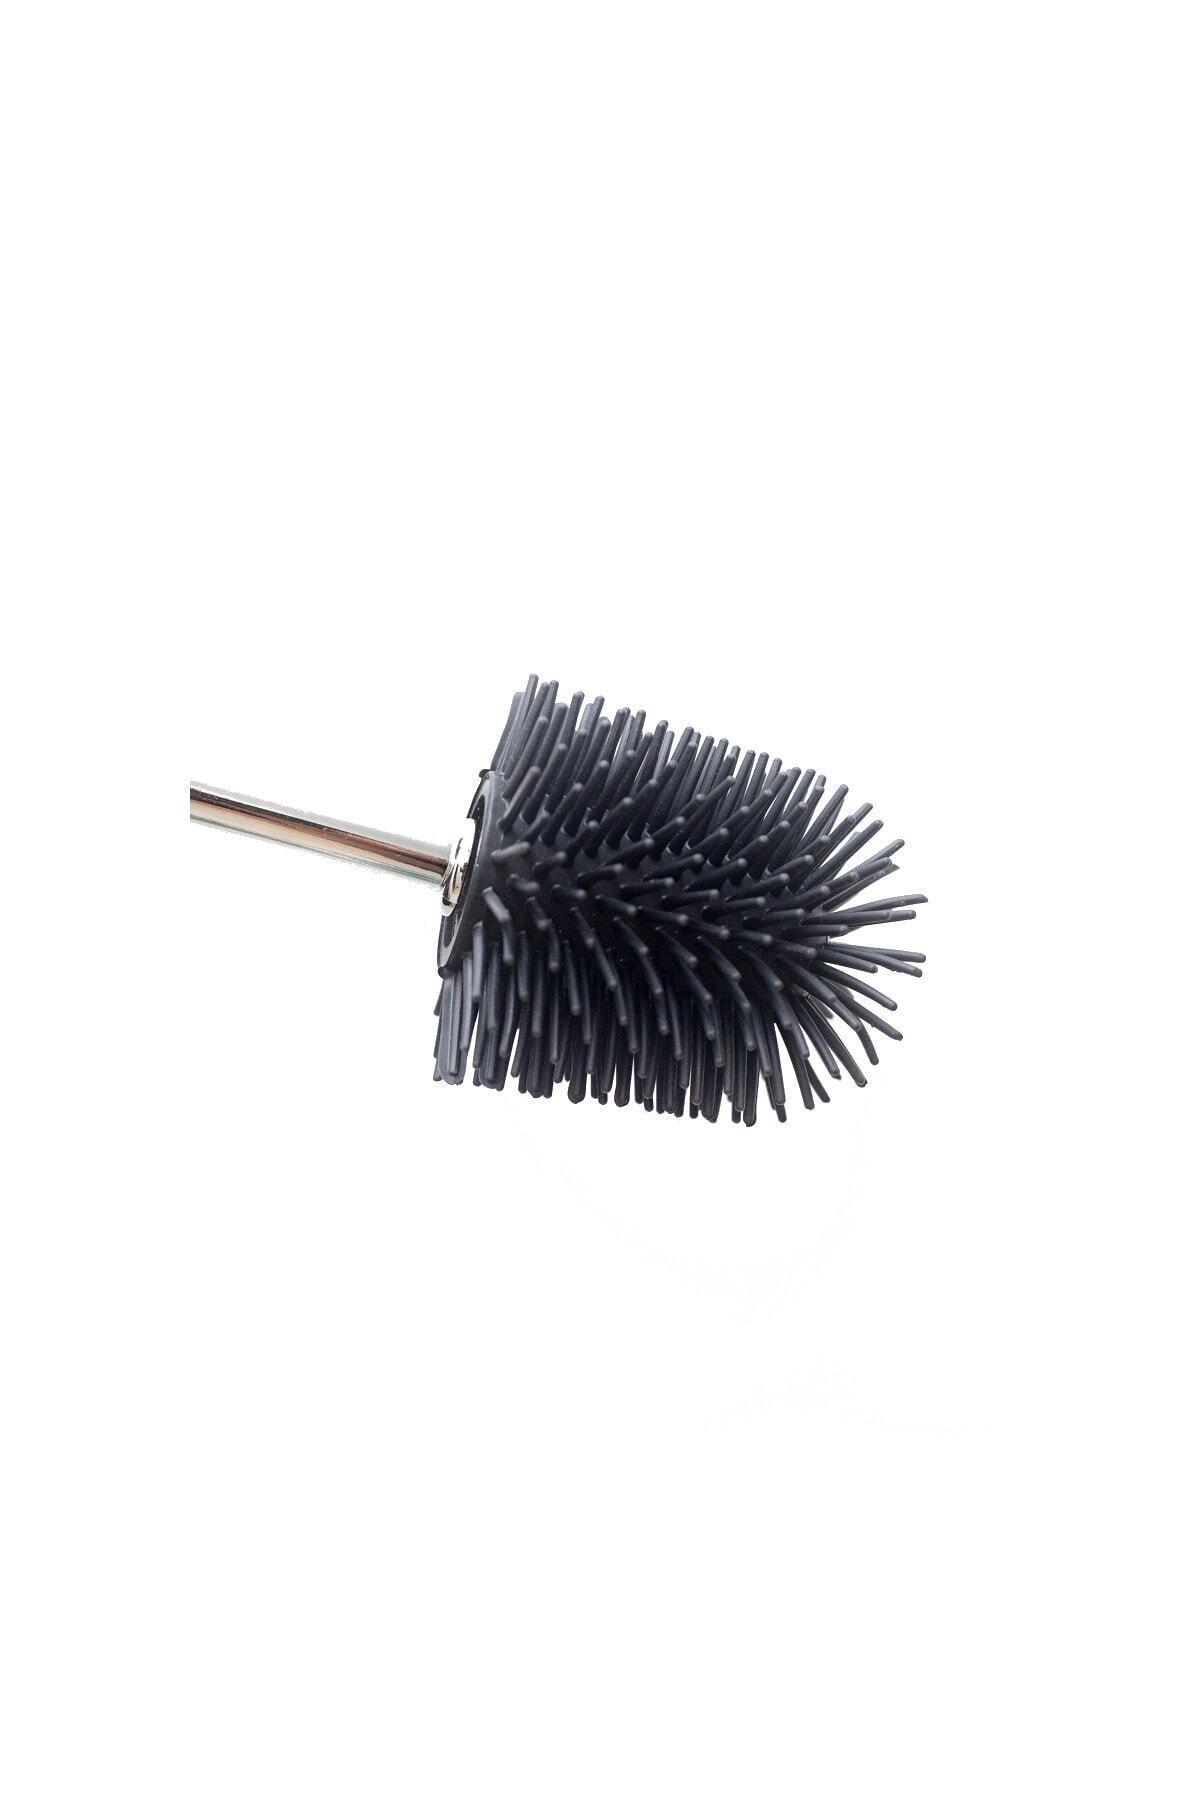 85 Mm Yedek Silikon Wc Fırça - Siyah